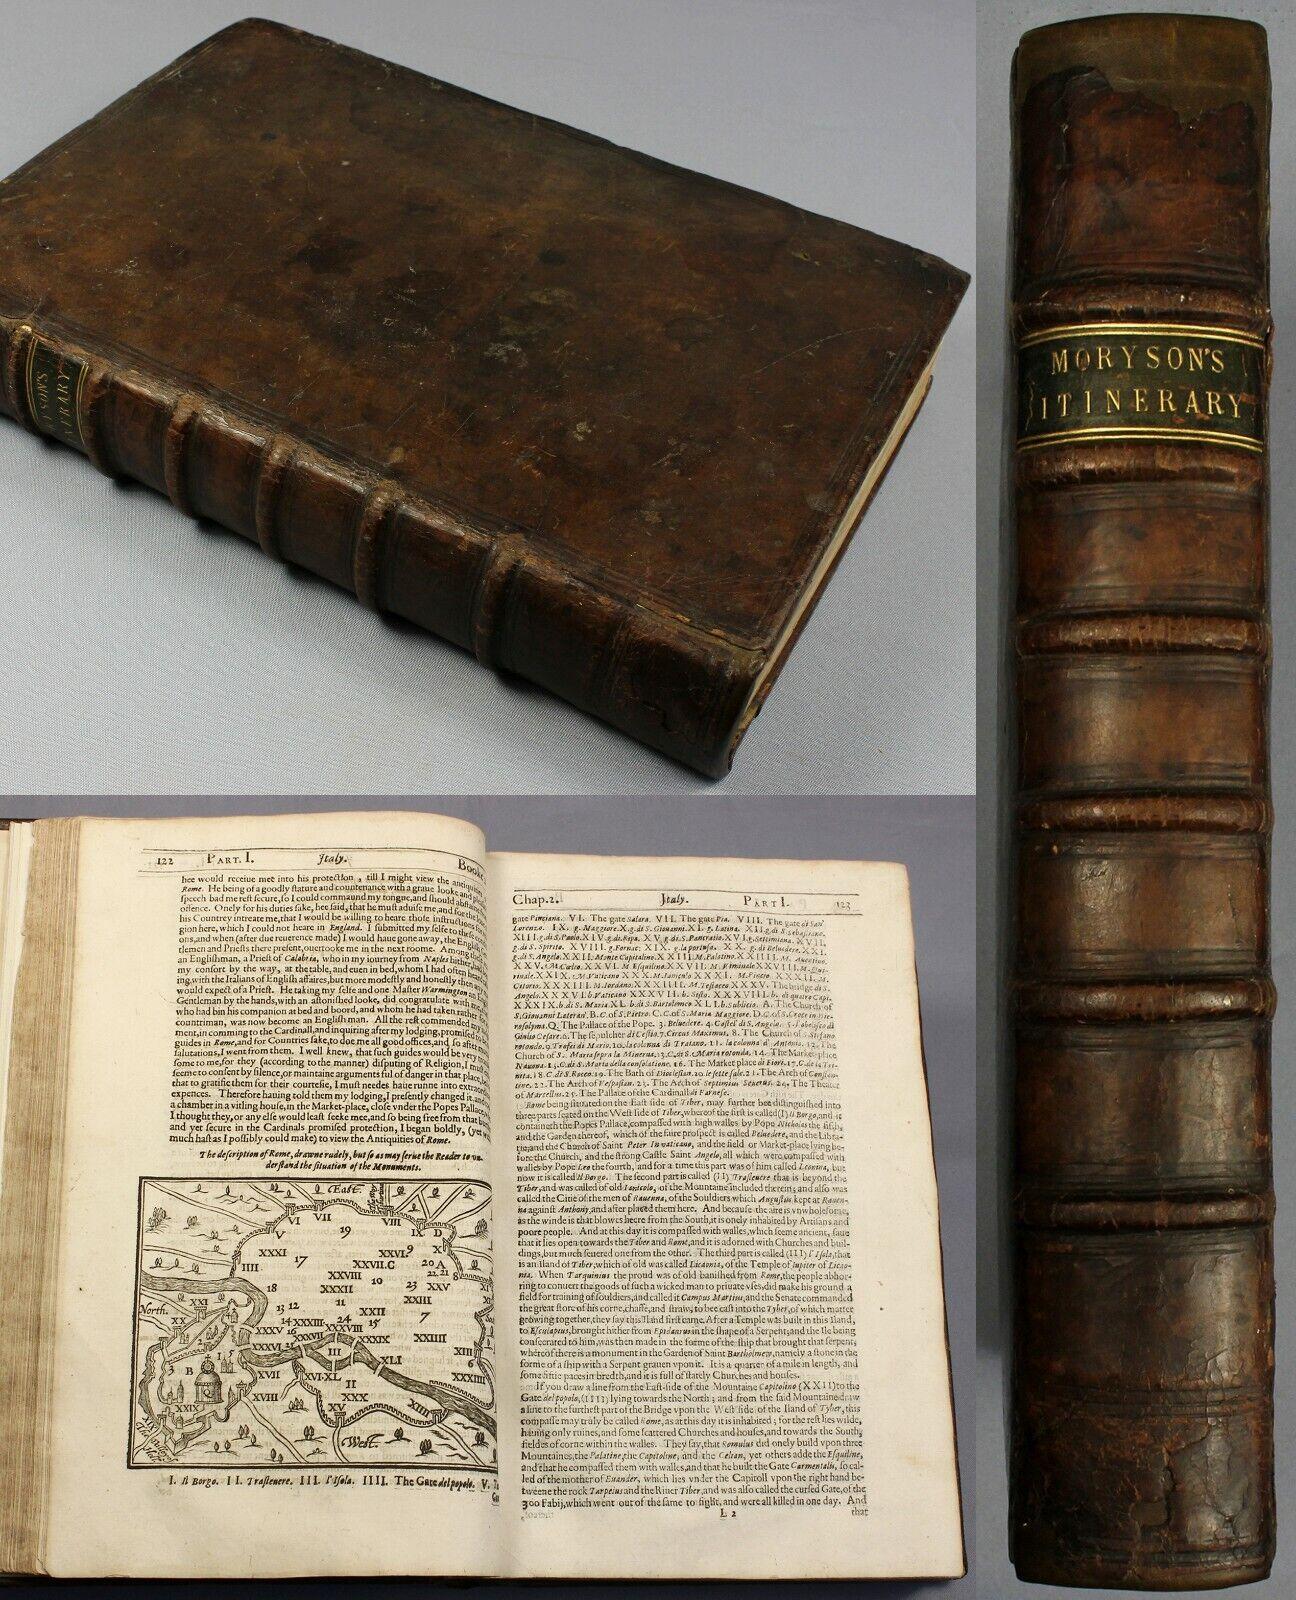 Les Petits Plats Du Bourbon Bourges vialibri ~ rare books from 1617 - page 3